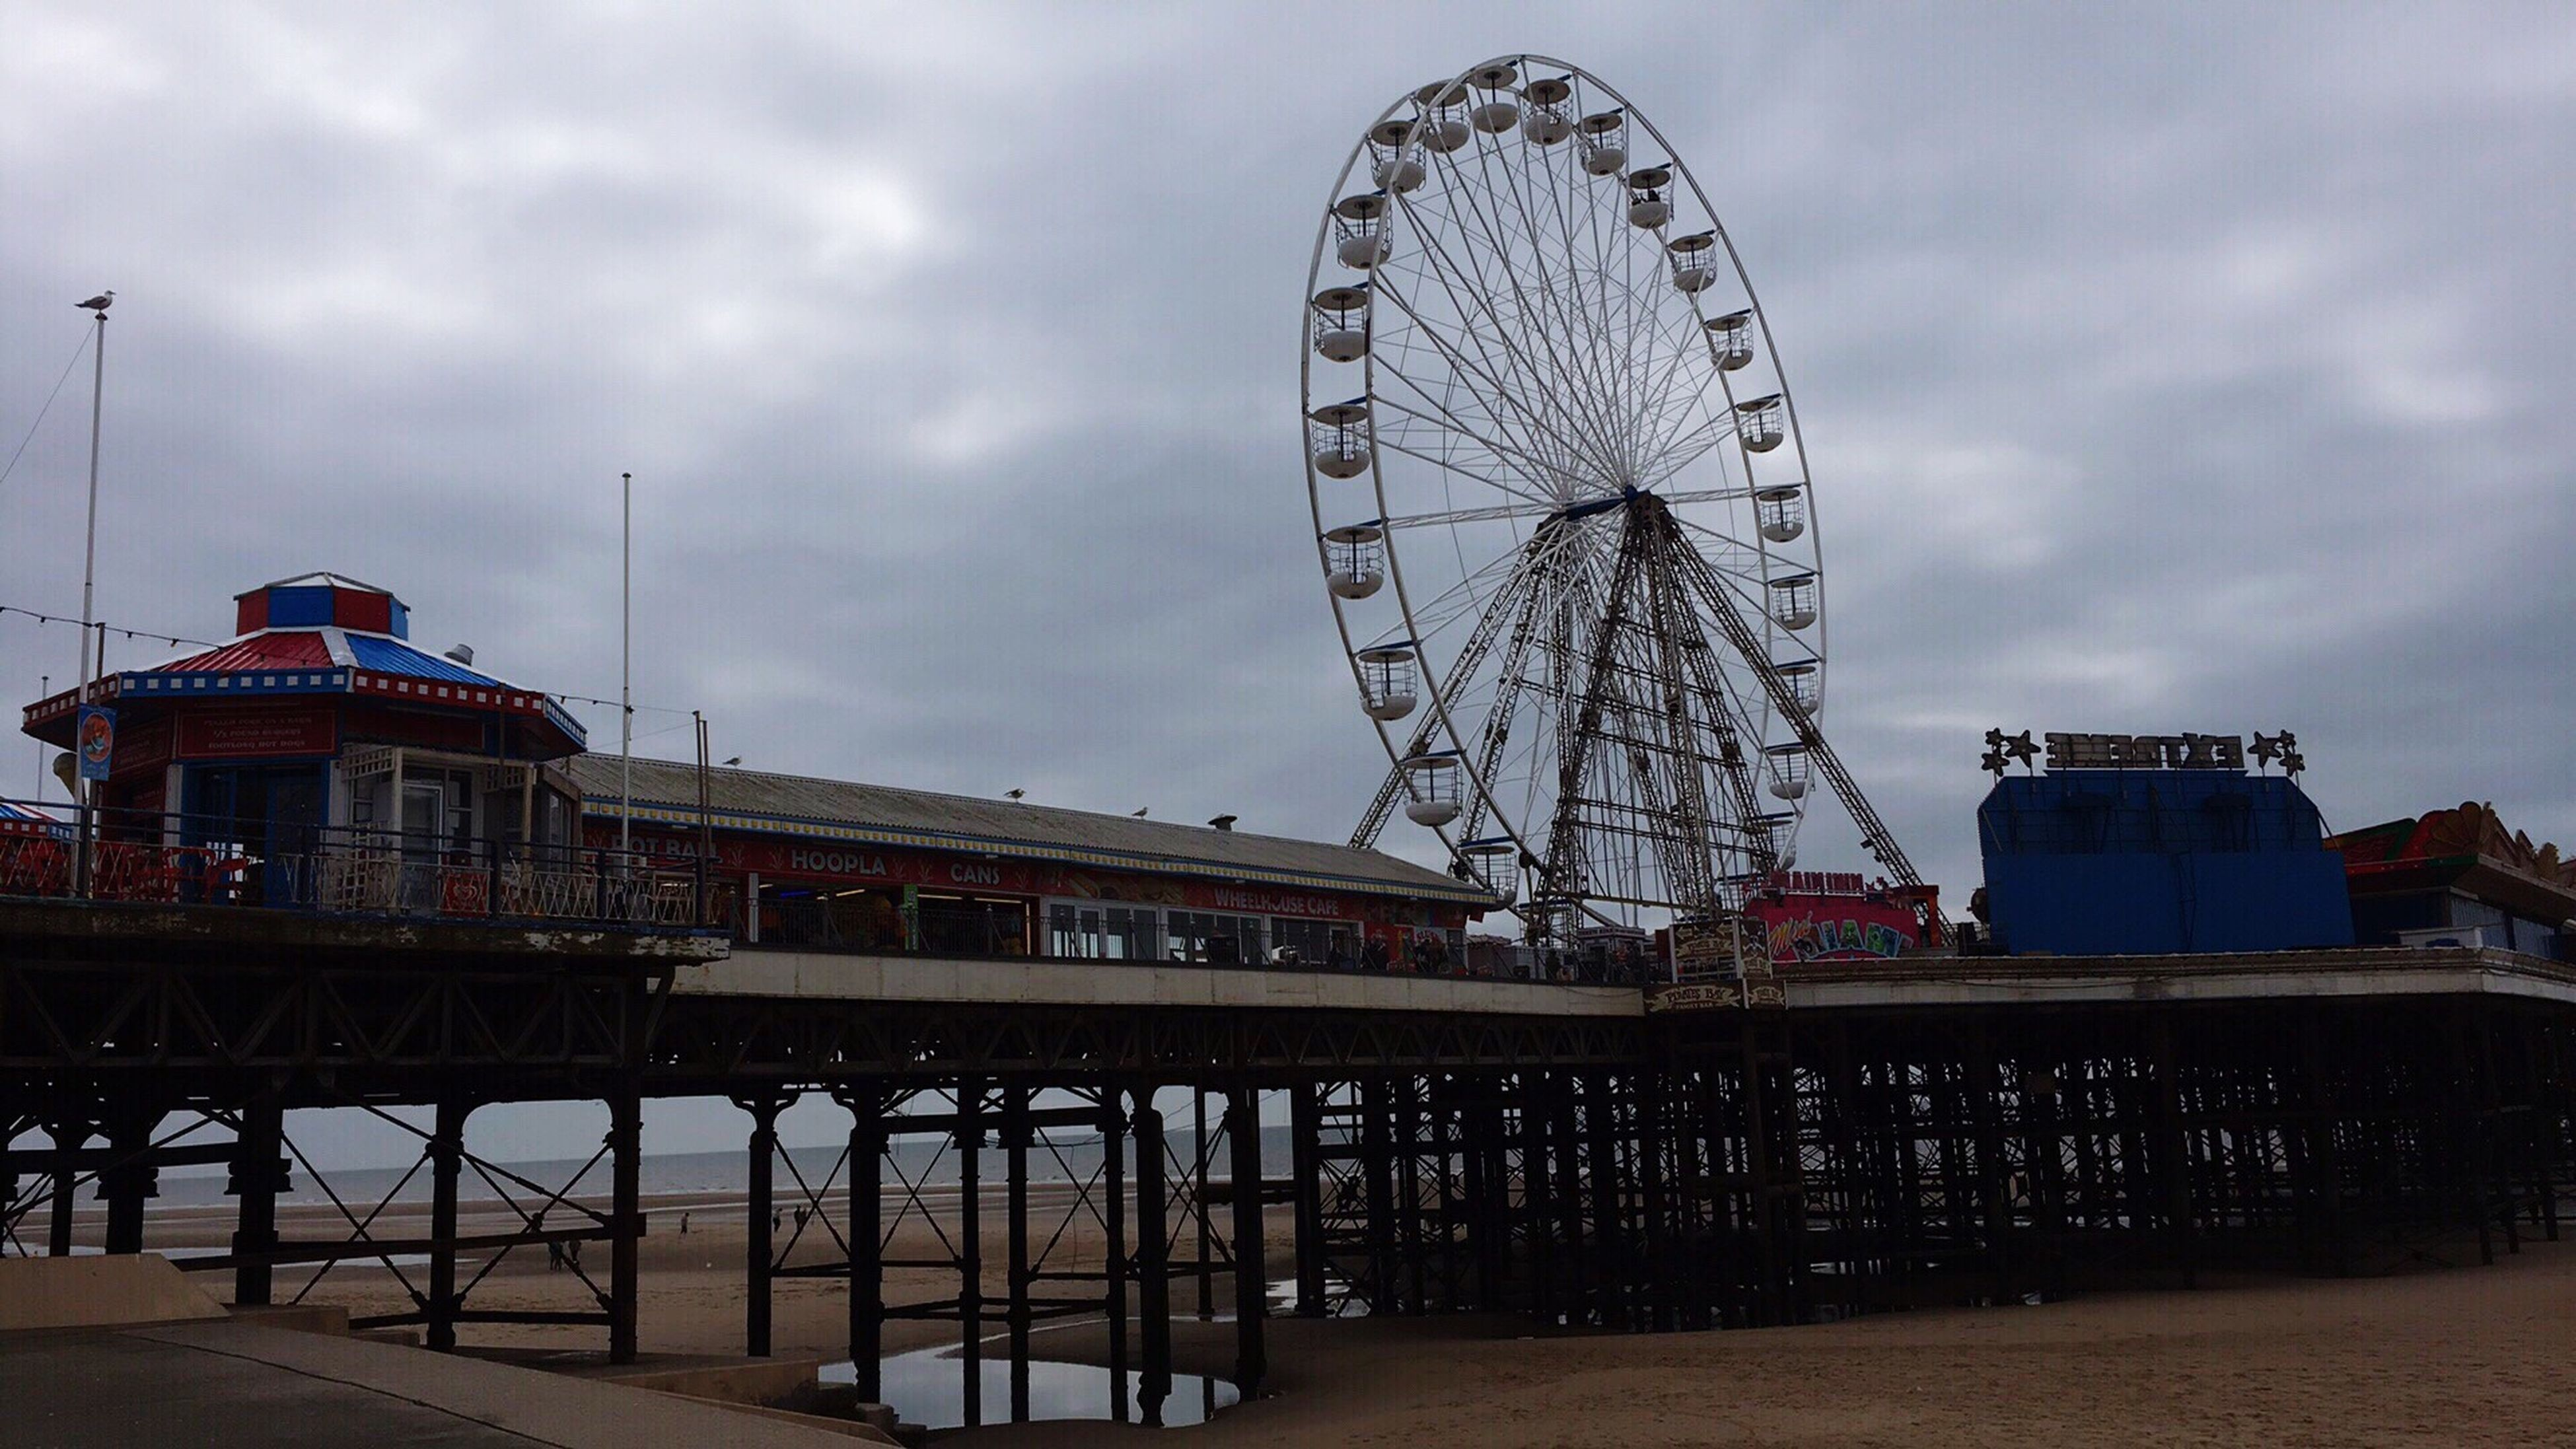 ferris wheel, amusement park, amusement park ride, arts culture and entertainment, architecture, sky, outdoors, no people, day